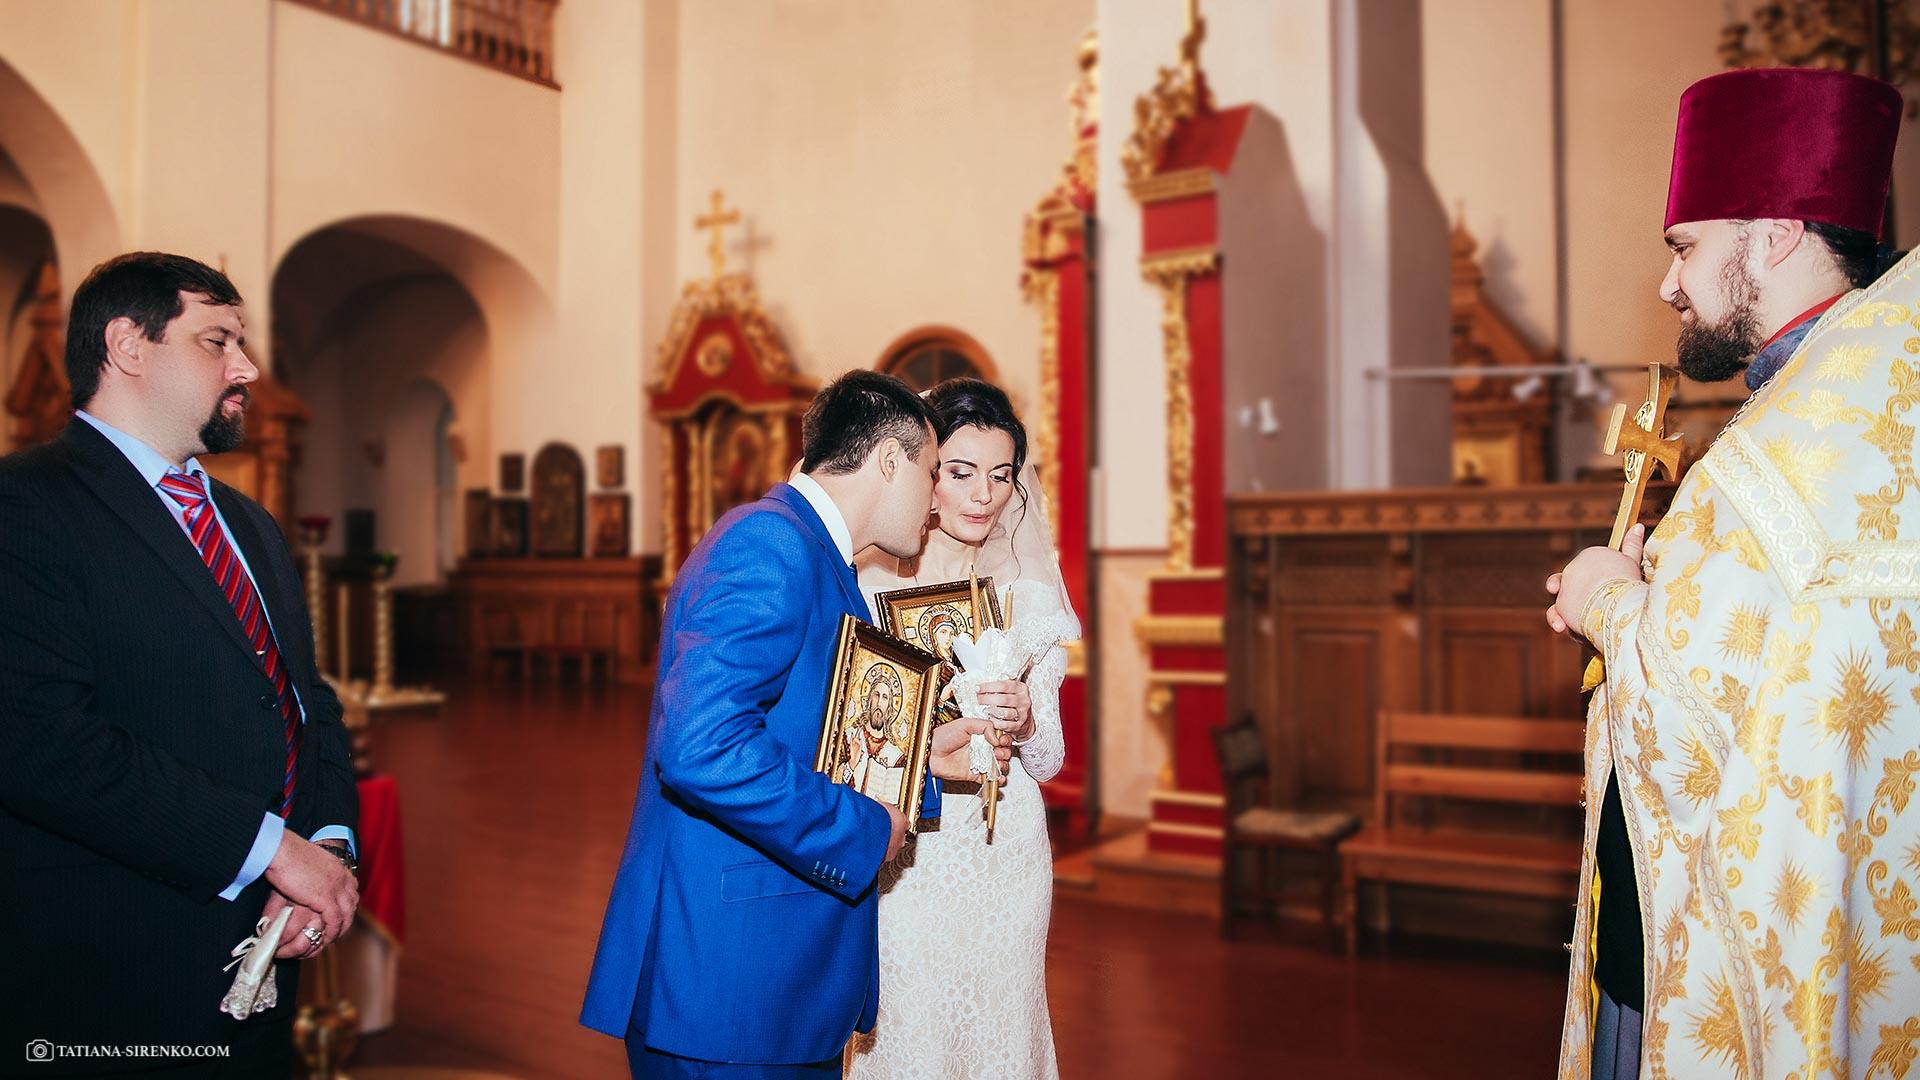 Фотосъемка в церкви